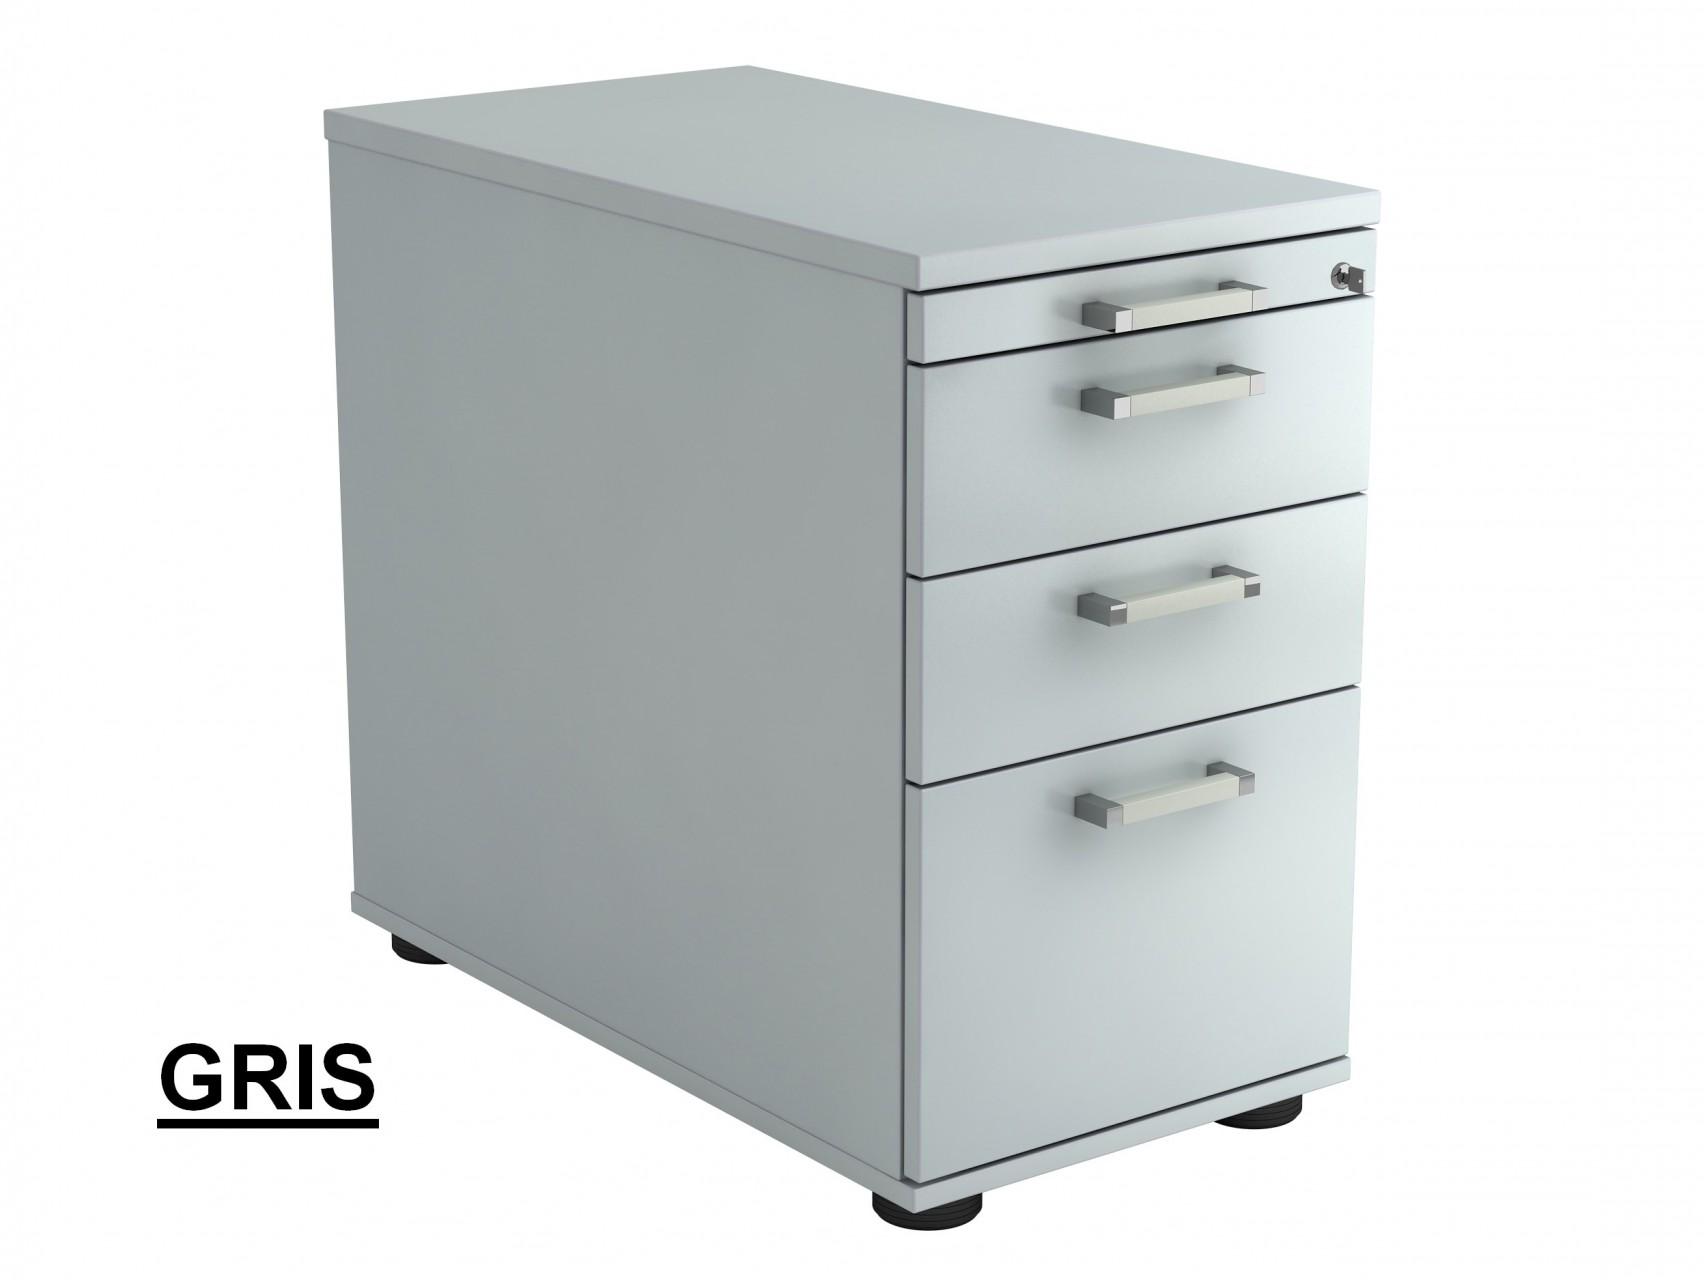 caisson hauteur bureau profondeur 80 cm. Black Bedroom Furniture Sets. Home Design Ideas